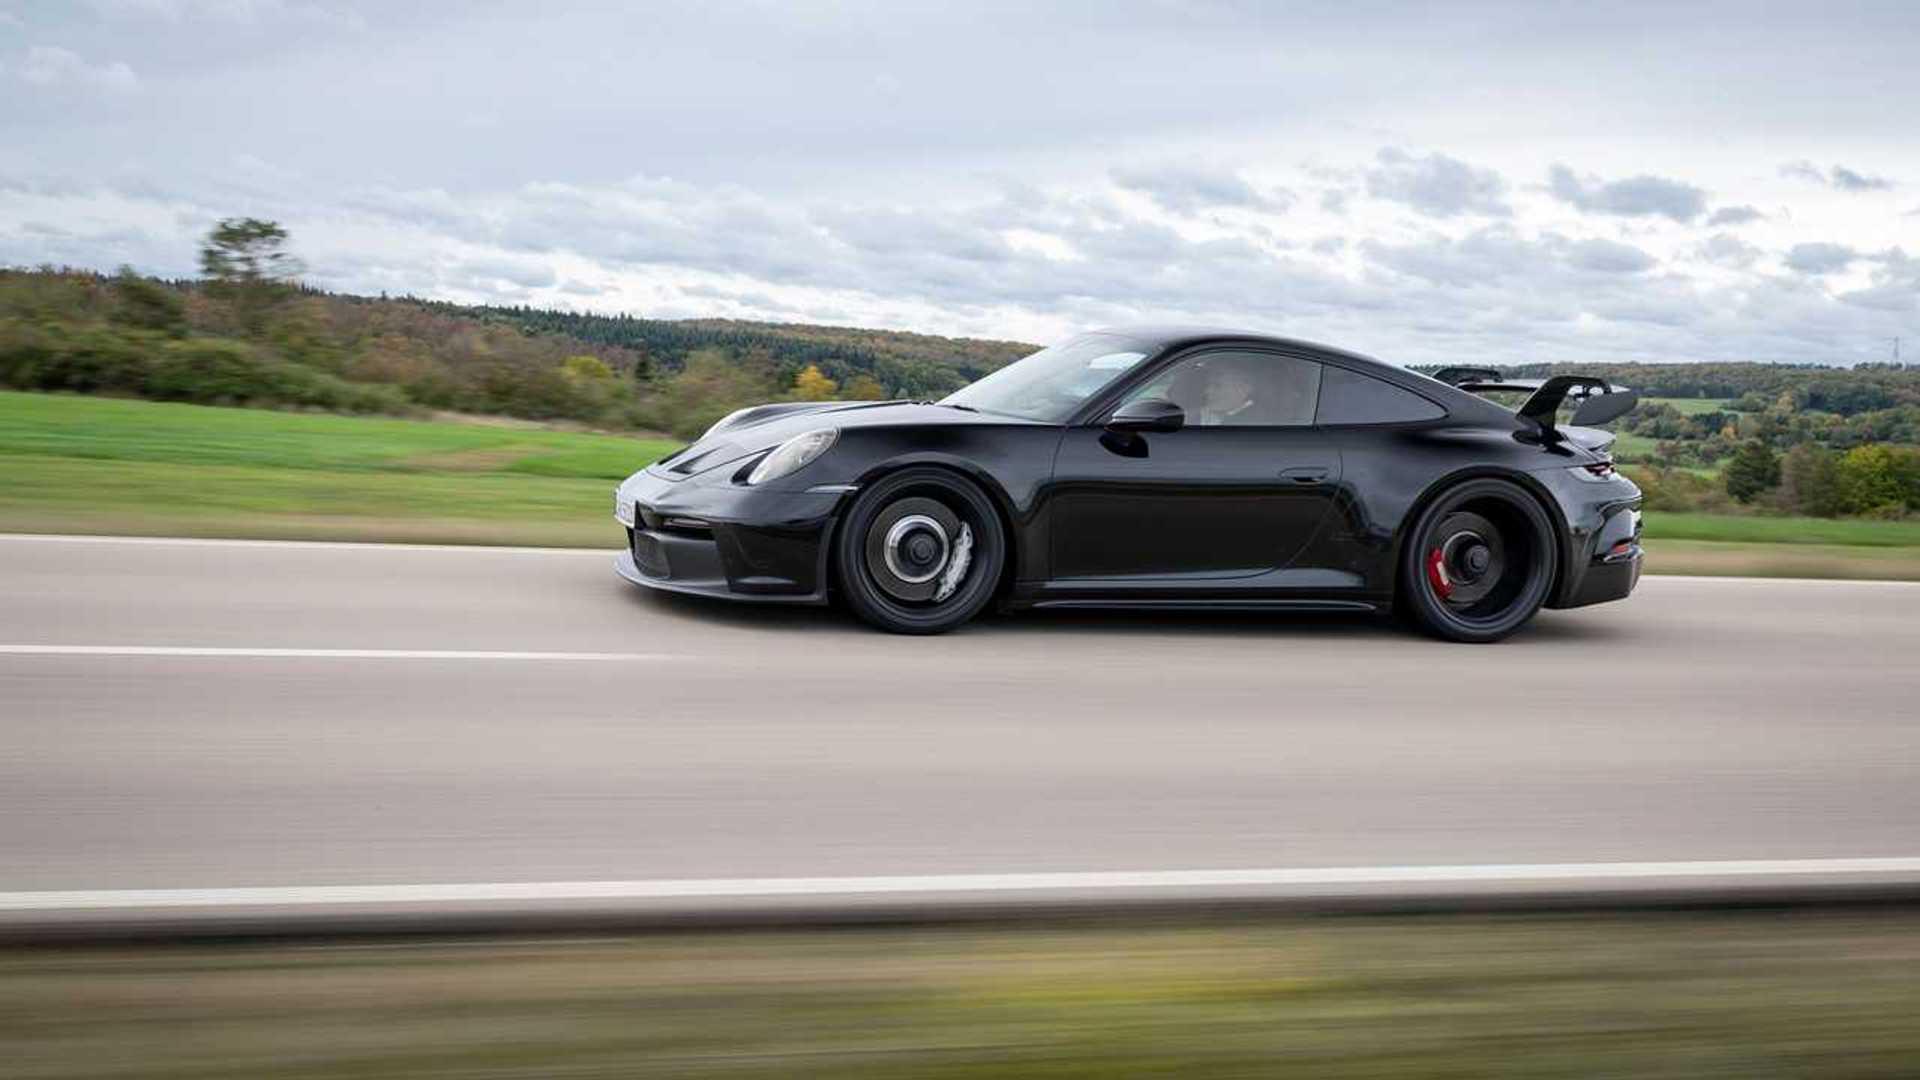 Porsche 992 GT3   2021 - Page 2 2021-porsche-911-gt3-prototype-profile-tracking